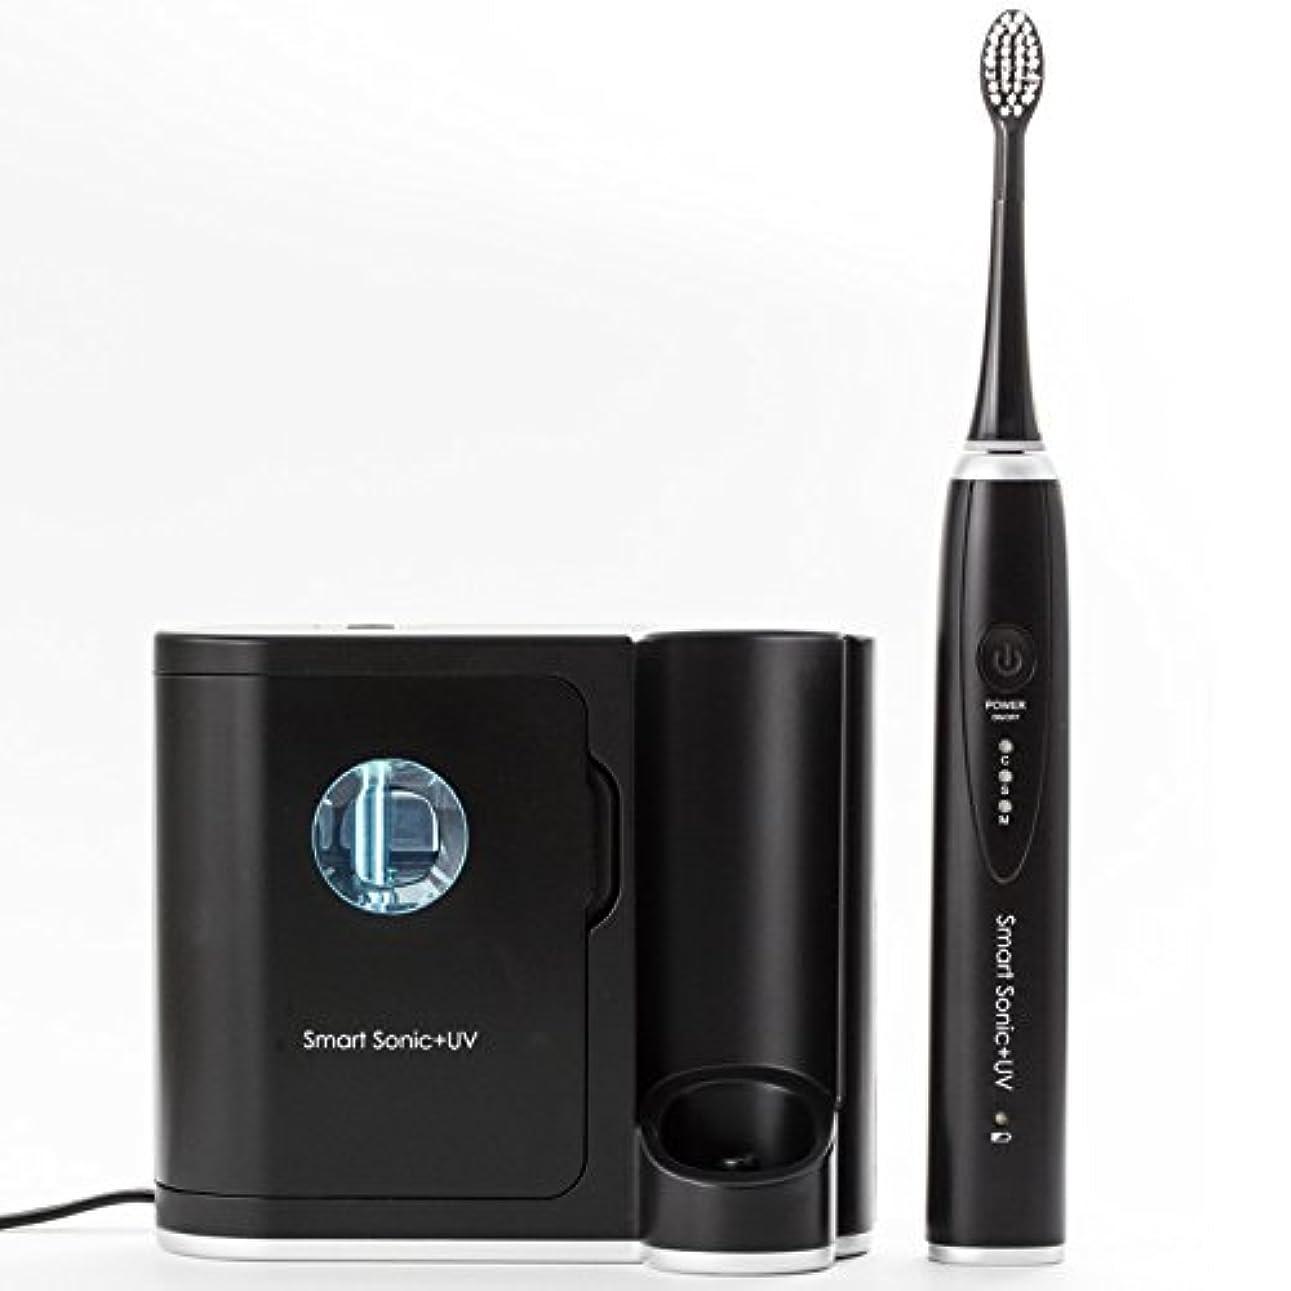 行クラシック歩行者音波歯ブラシ UV 紫外線除菌 歯ブラシ 殺菌機能付き 電動歯ブラシ スマートソニック プラス UV Smart Sonic UV